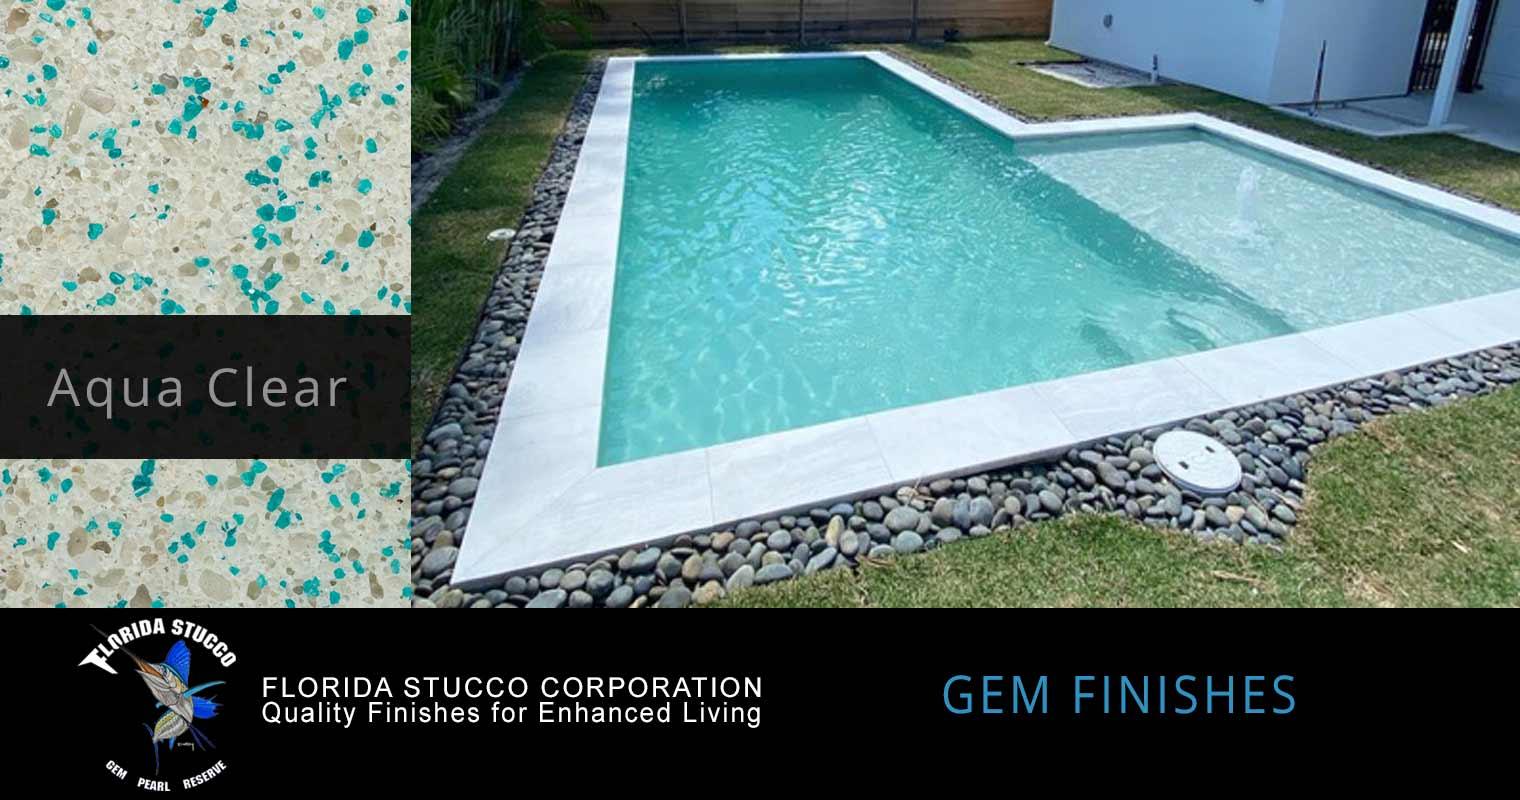 Florida Stucco - Aqua Clear Plaster Finish Pool Sample 3